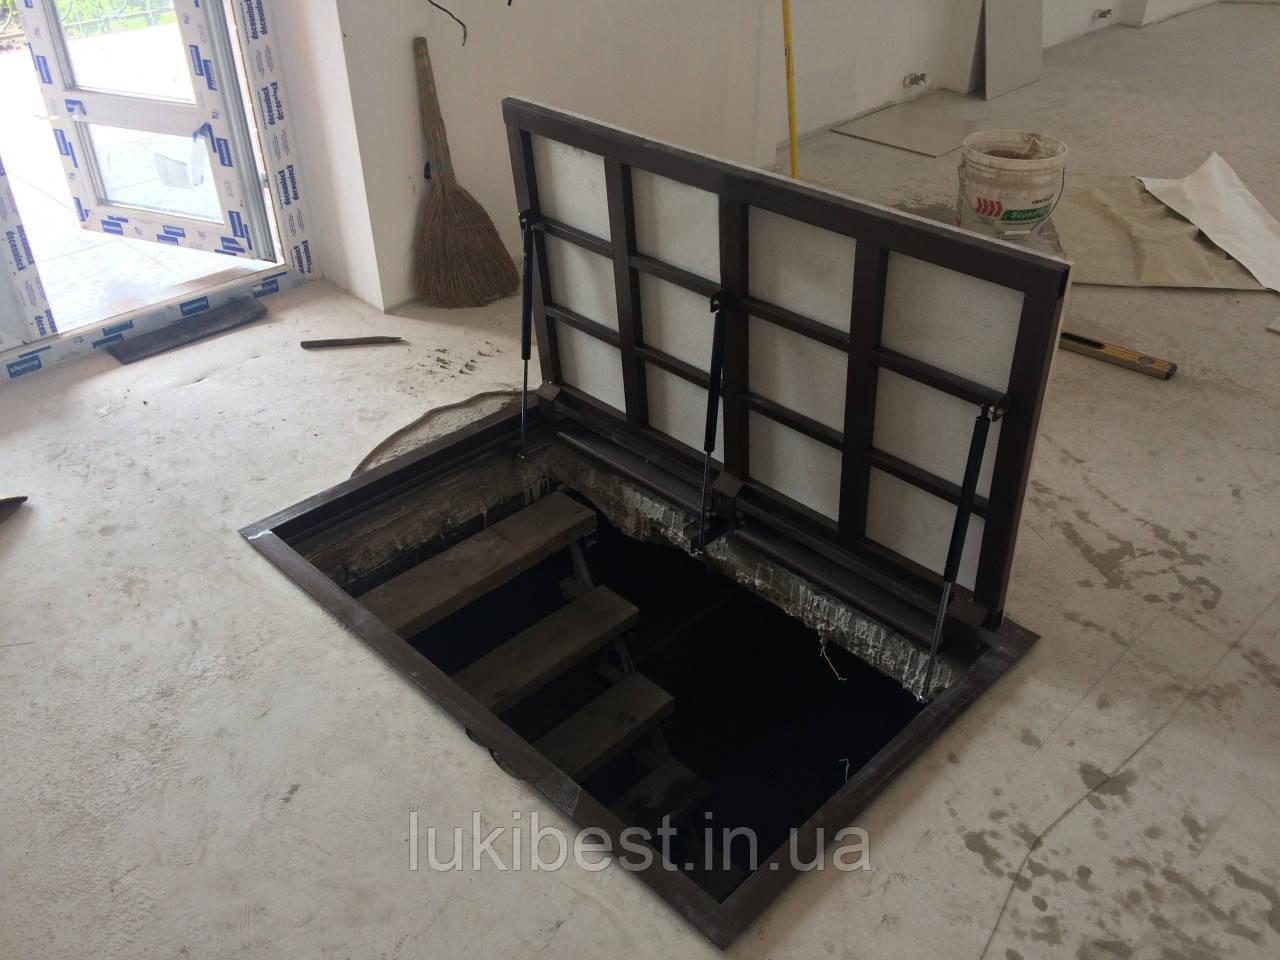 Напольный люк под ламінат 1000*800 мм Вest Lift  / люк в погреб/ люк в подвал